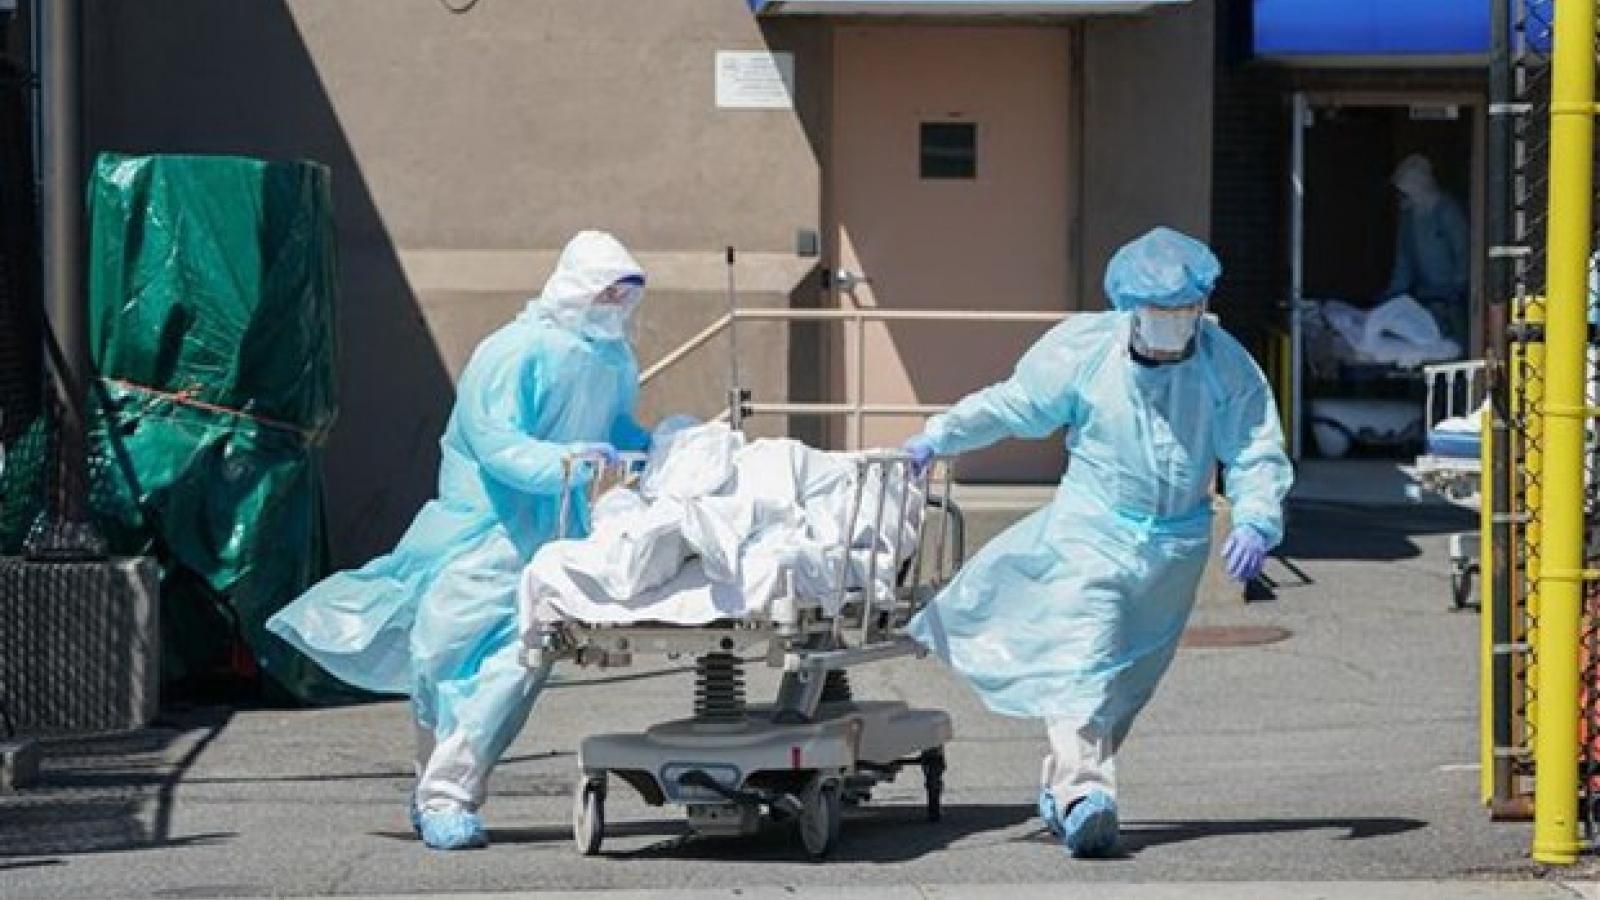 Covid-19 khiến tỷ lệ tử vong ở Mỹ tăng cao nhất trong năm 2020